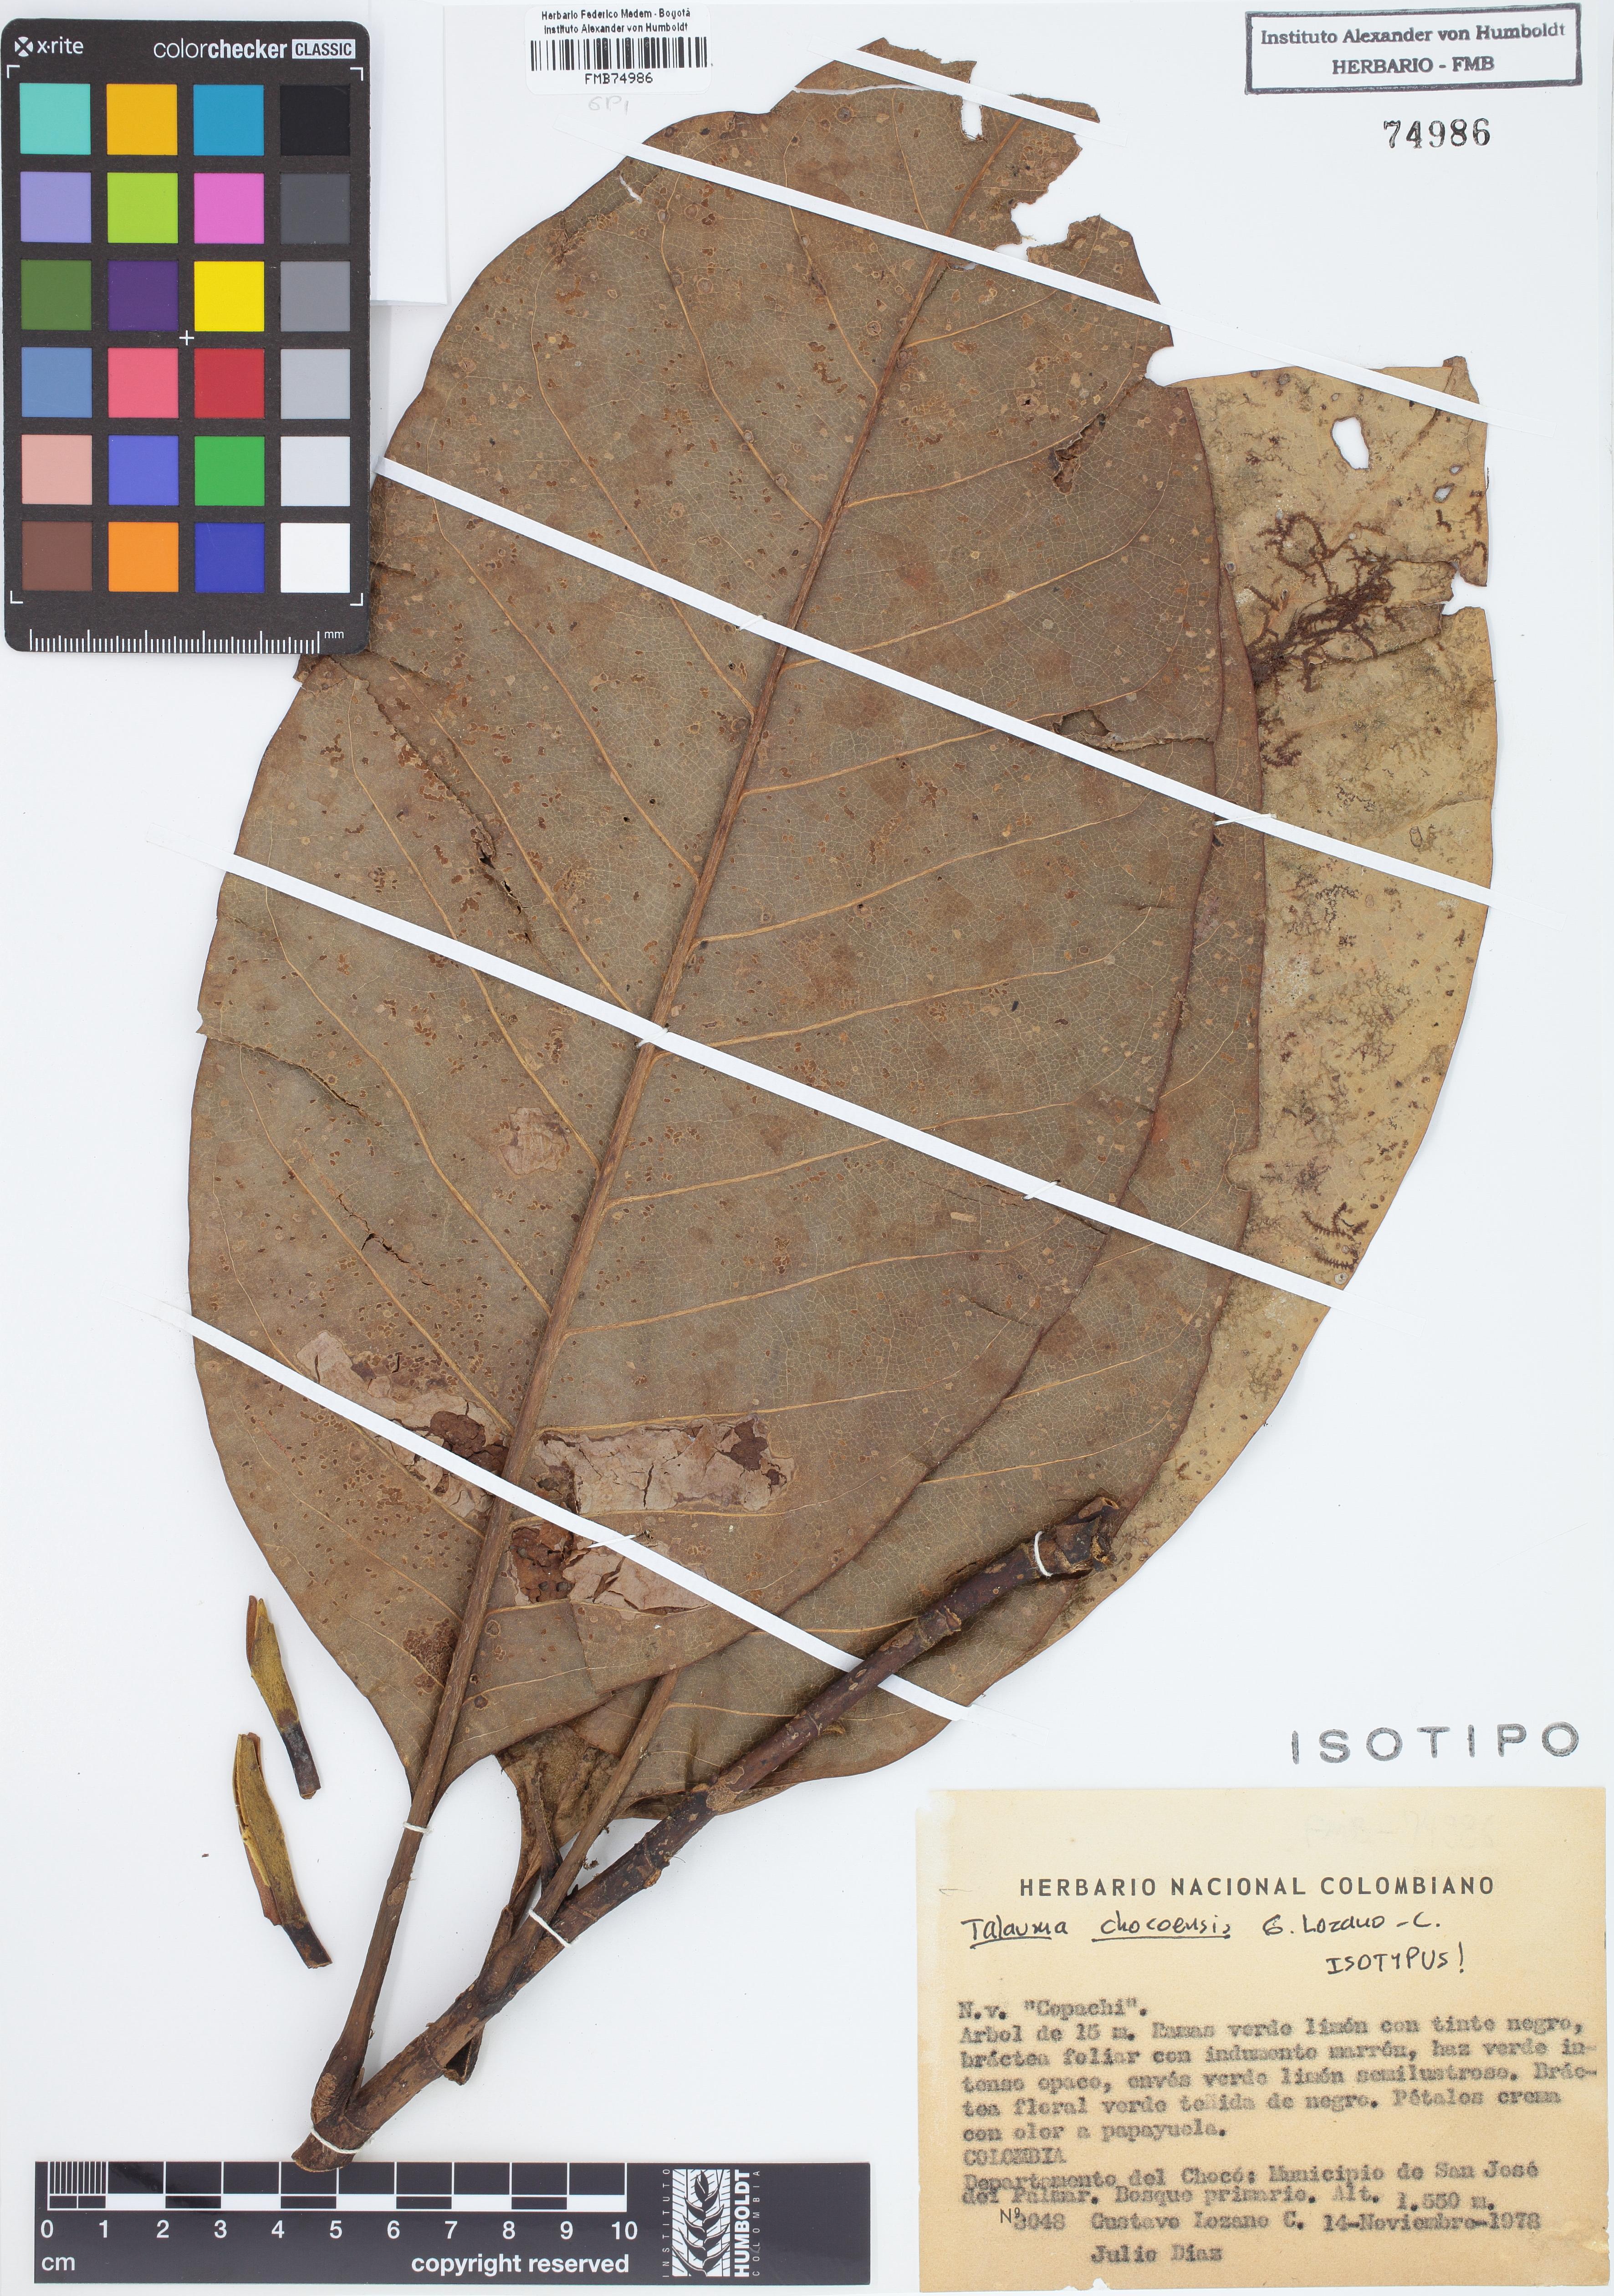 Isotipo de <em>Talauma chocoensis</em>, FMB-74986, Fotografía por Robles A.